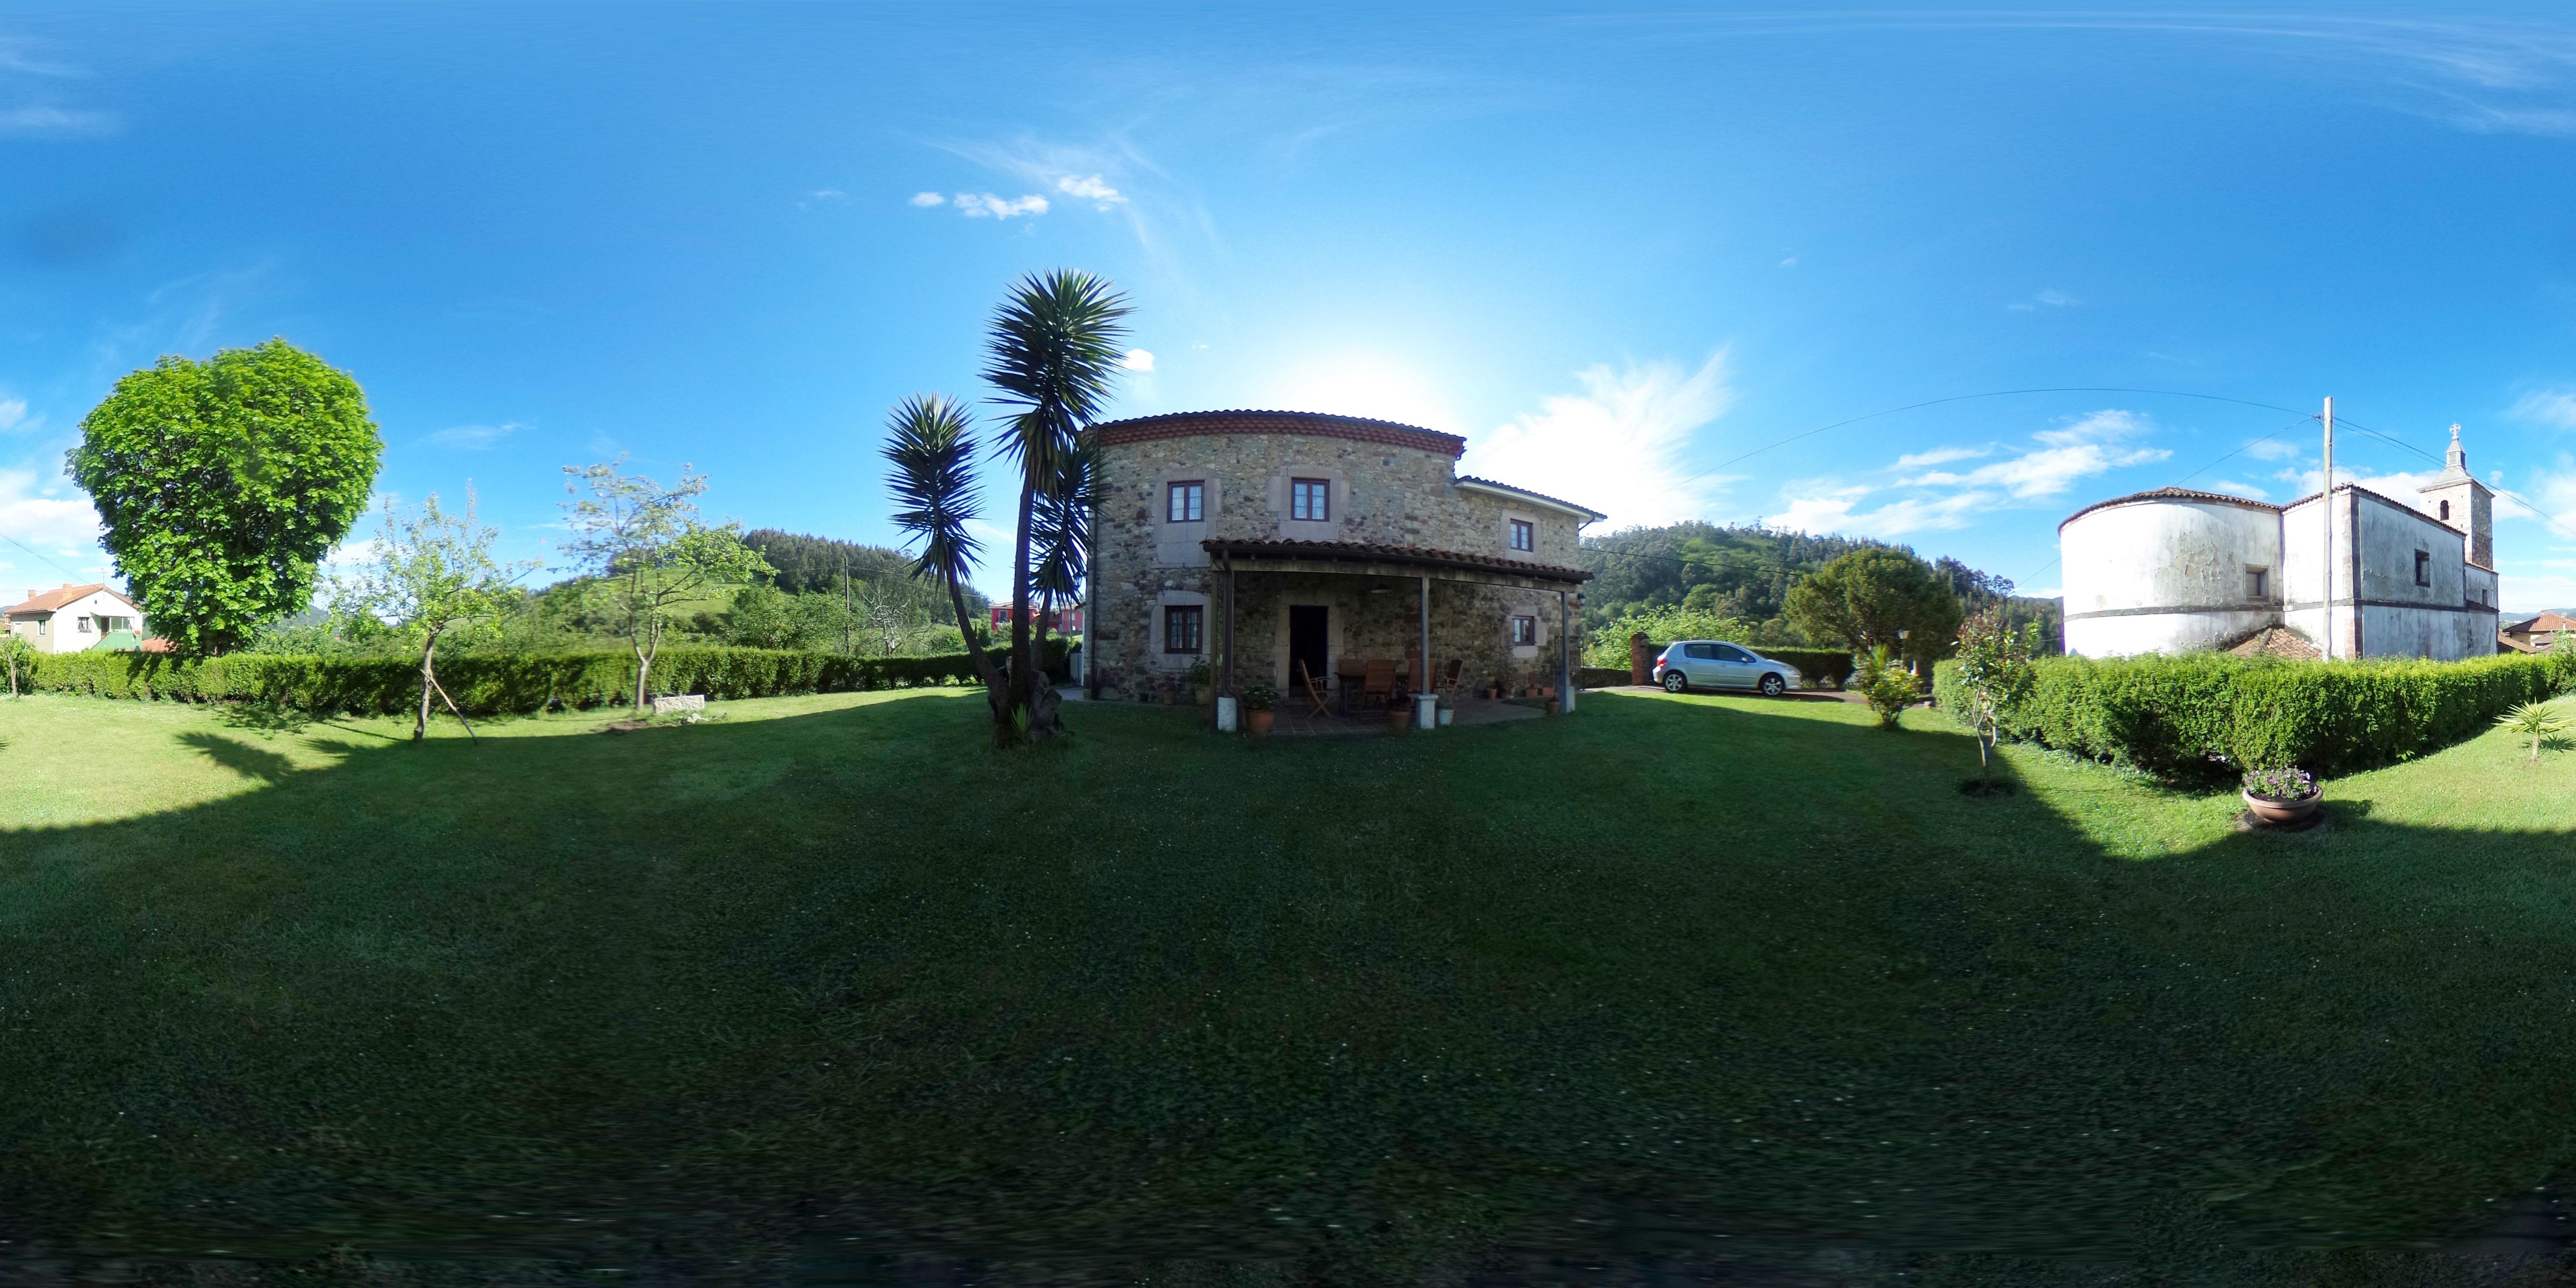 Casa rural asturias la casa del texu la casa del texu for Casa rural jardin del desierto tabernas